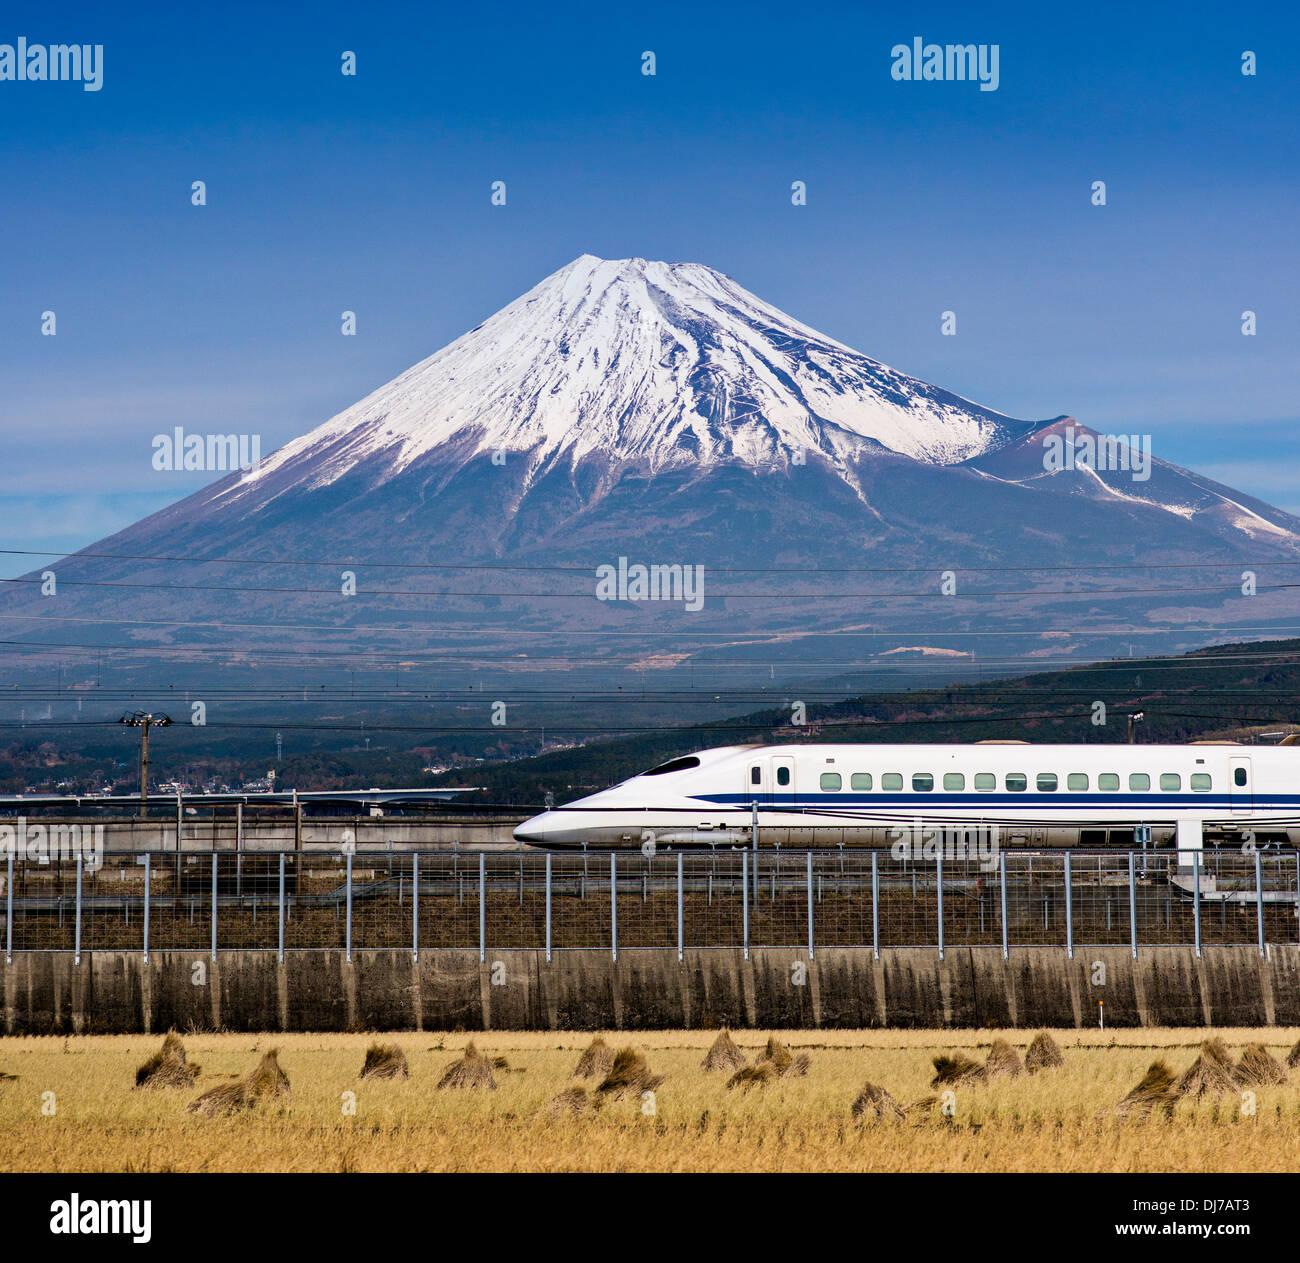 El tren bala pasa por debajo de Mt. Fuji en Japón Foto de stock